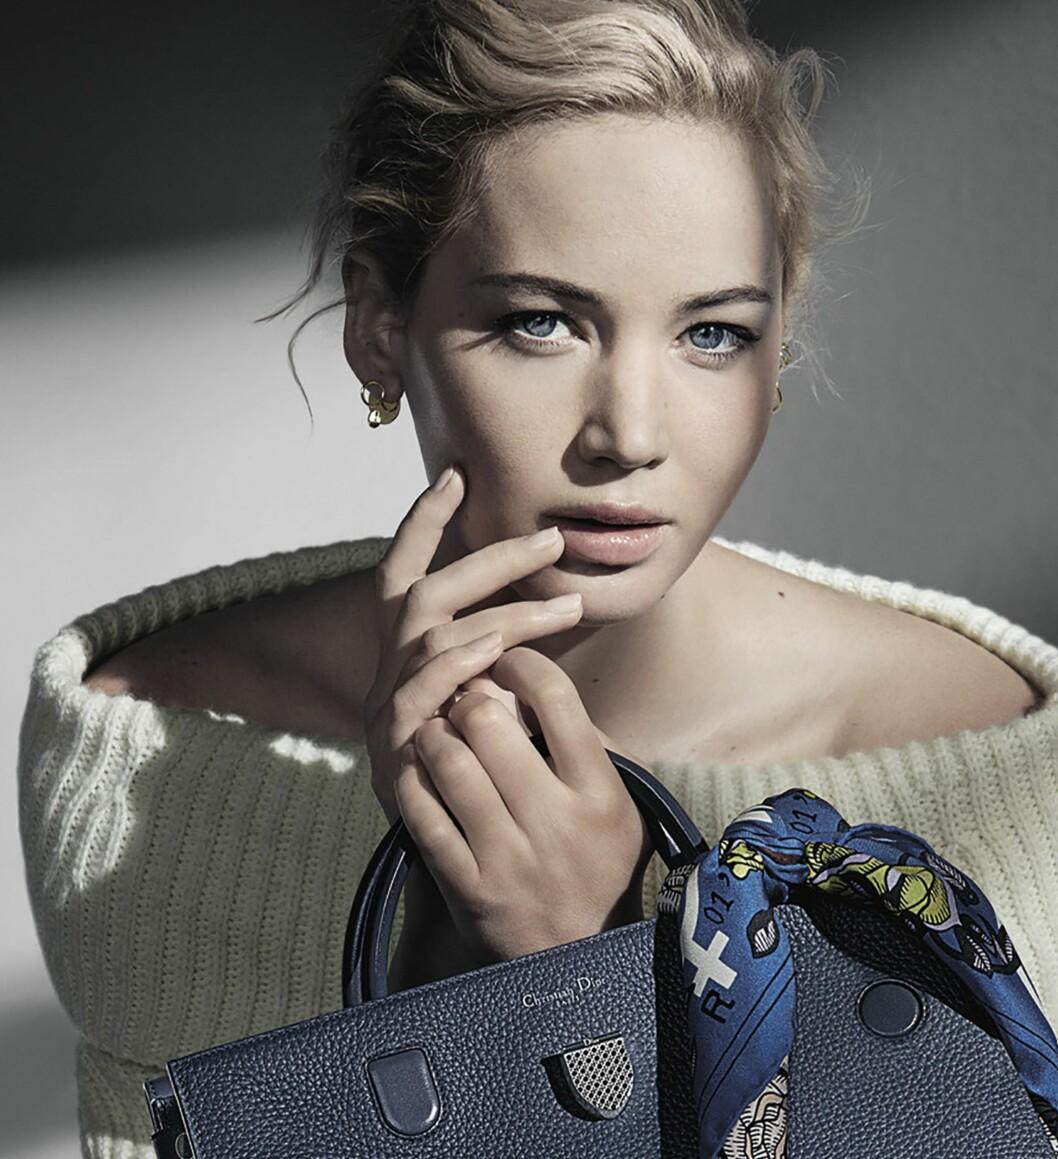 JENNIFER LAWRENCE: I den siste kampanjen hennes for Dior kommer de blå øynene hennes virkelig fram. Foto: Splash News